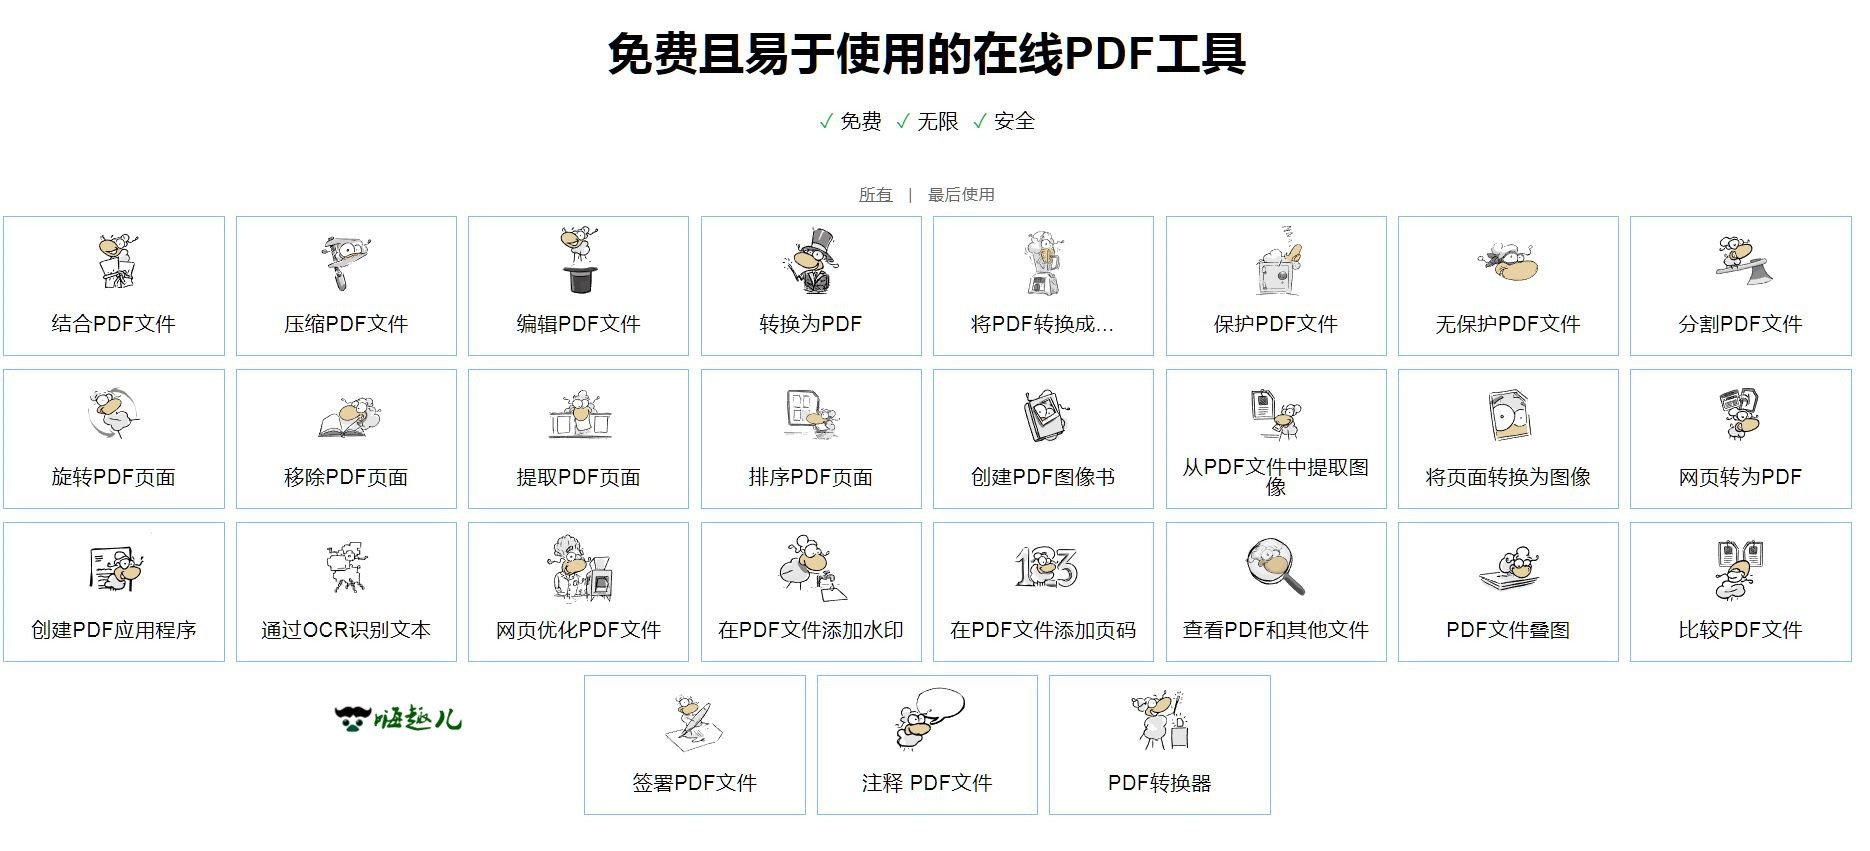 免费且易于使用的在线PDF工具 - PDF24 Tools 老司机 第1张